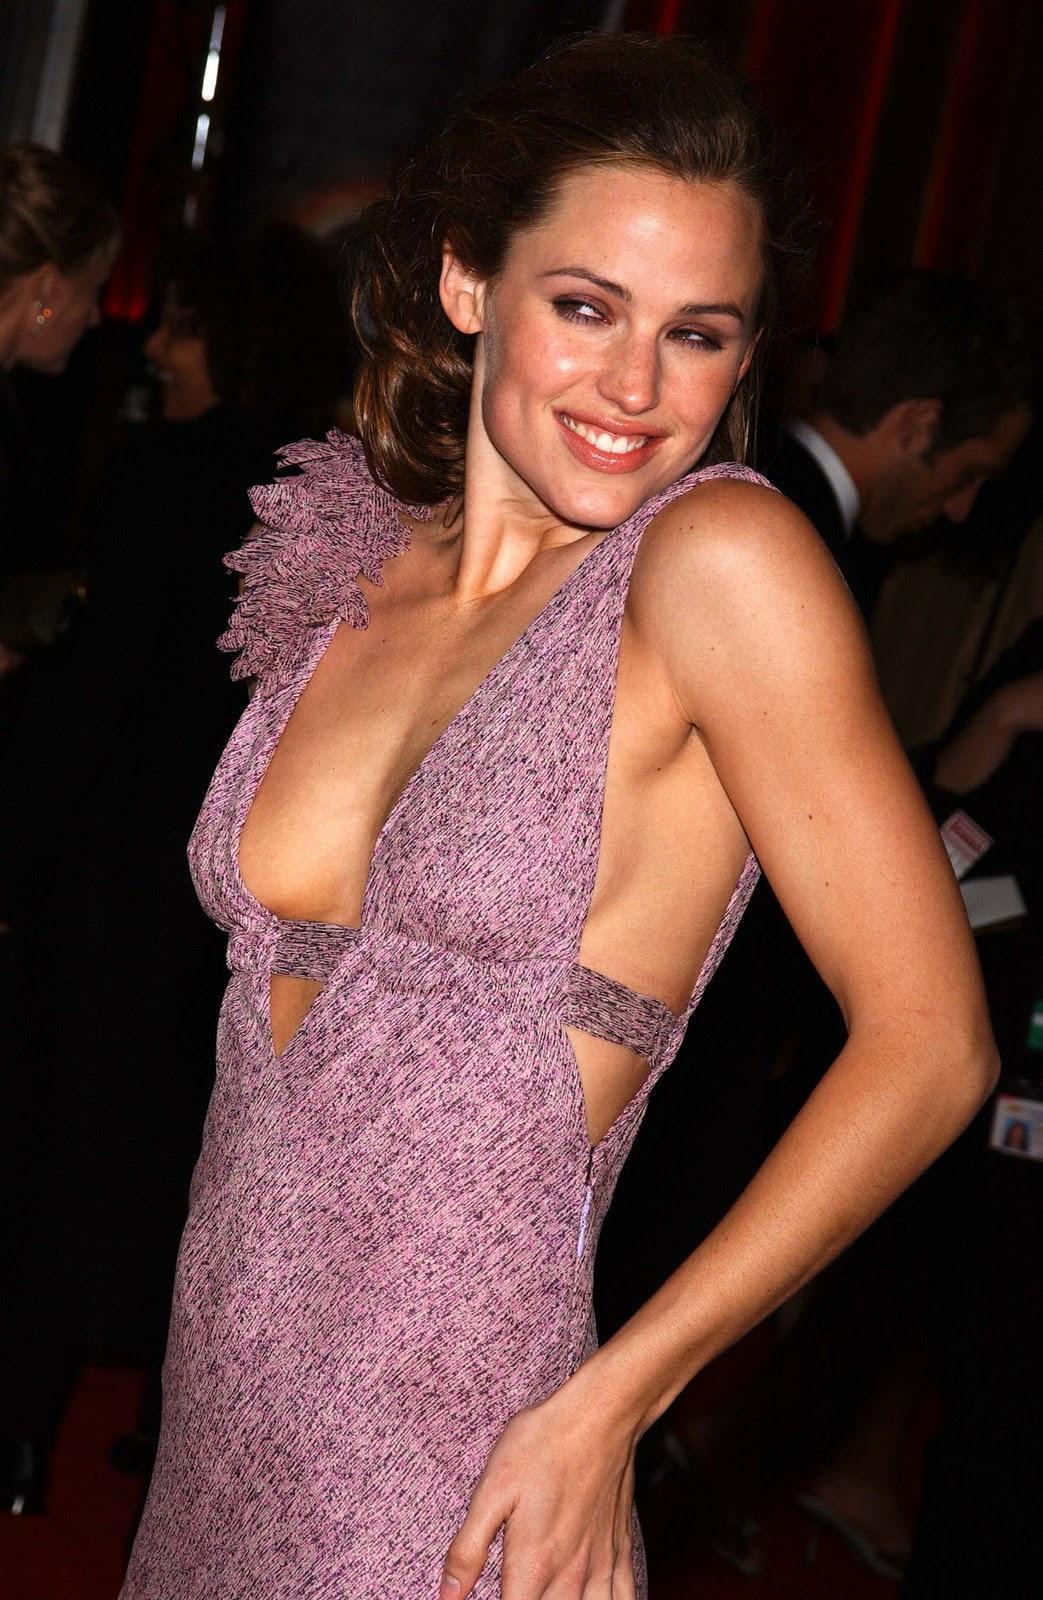 Jennifer Garner sexy side boobs pics